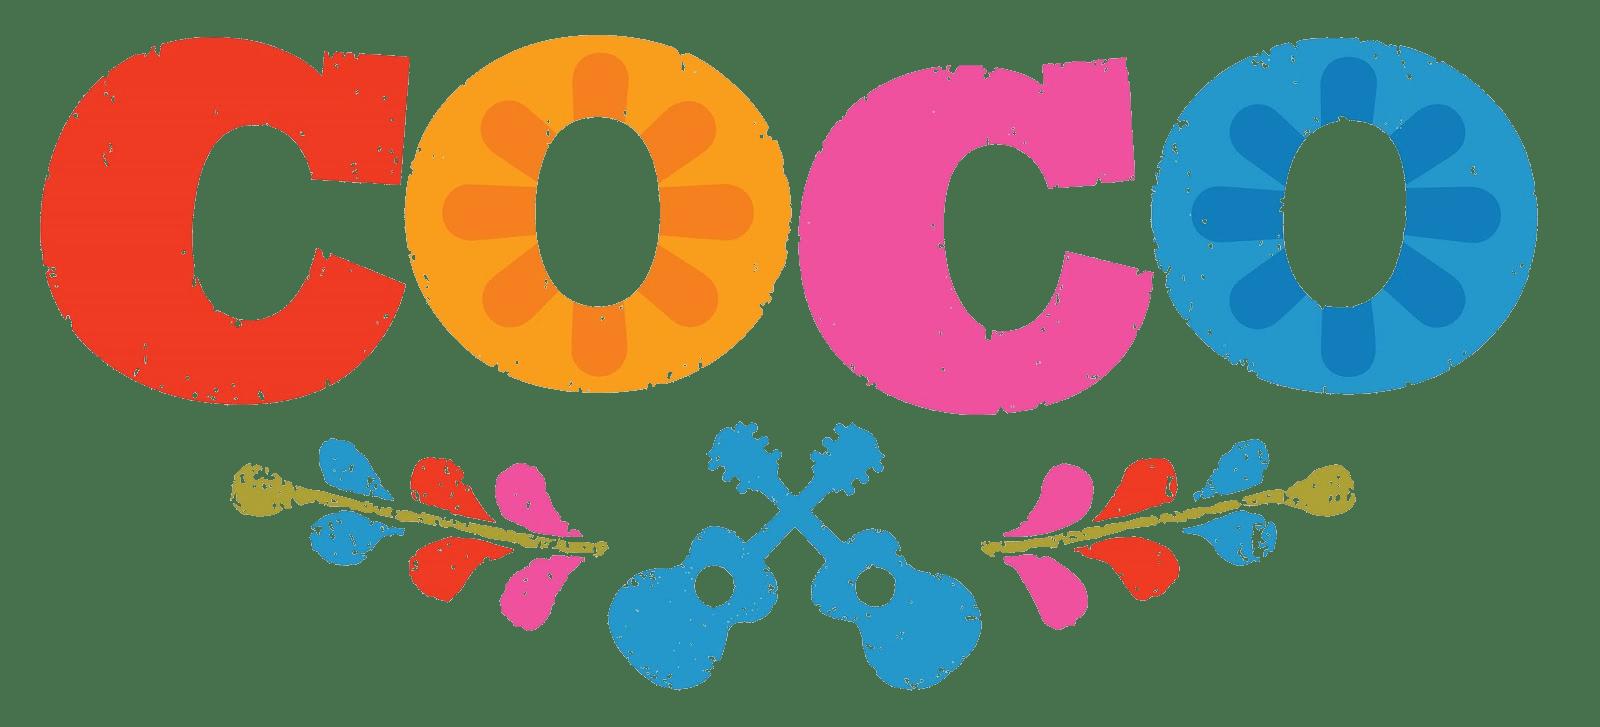 Logo Coco Png Transparente Stickpng